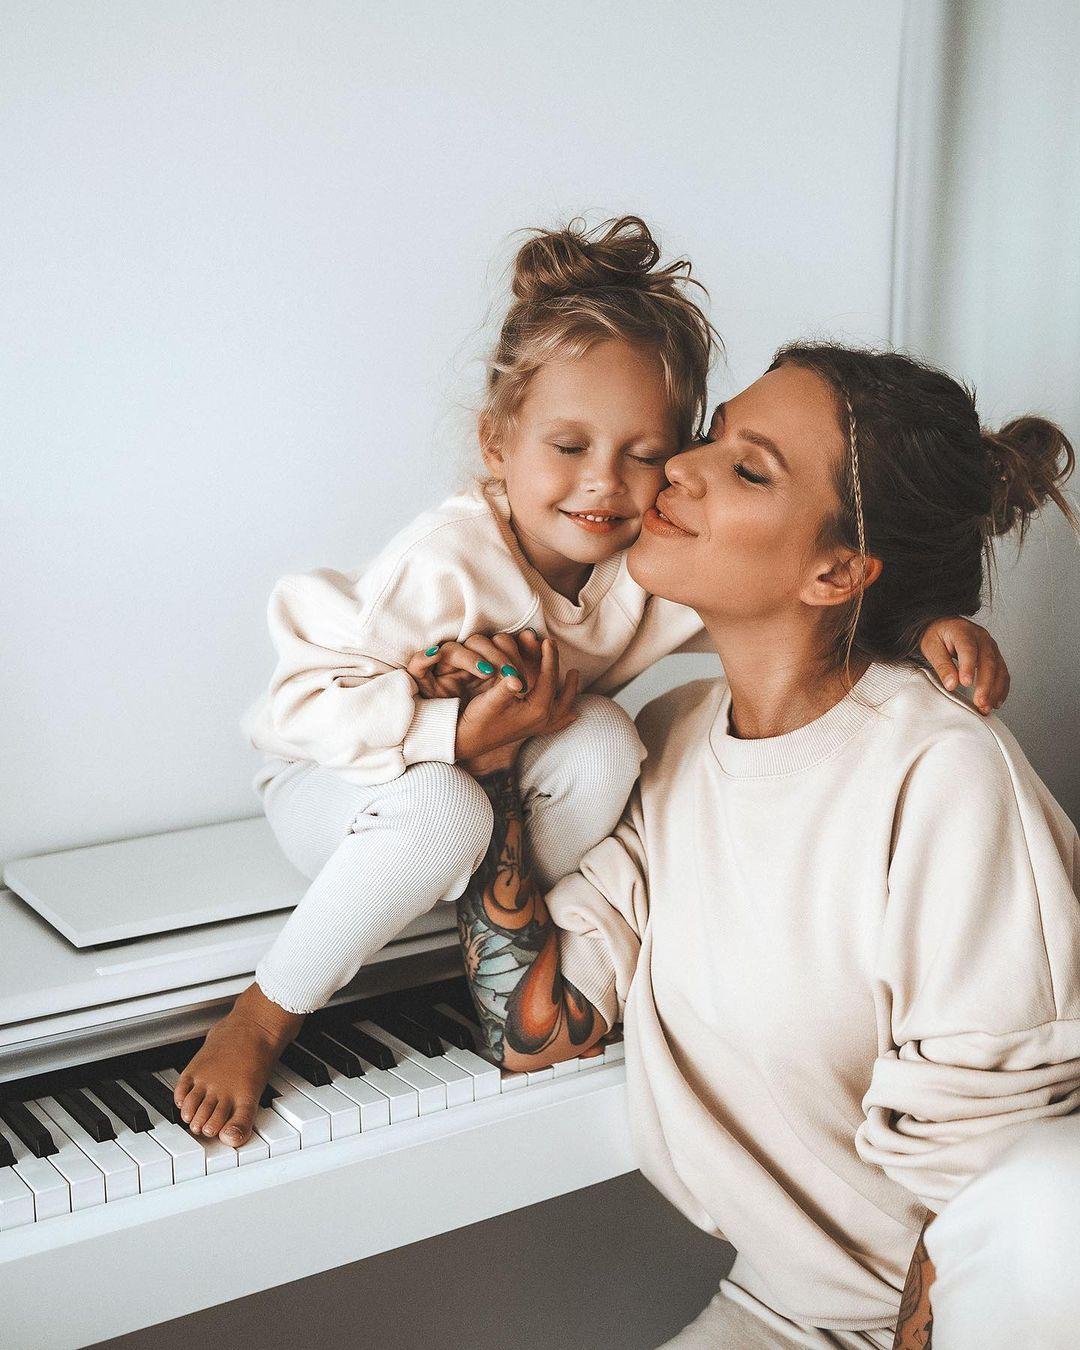 Rita Dakota spoke about the strange behavior of her daughter